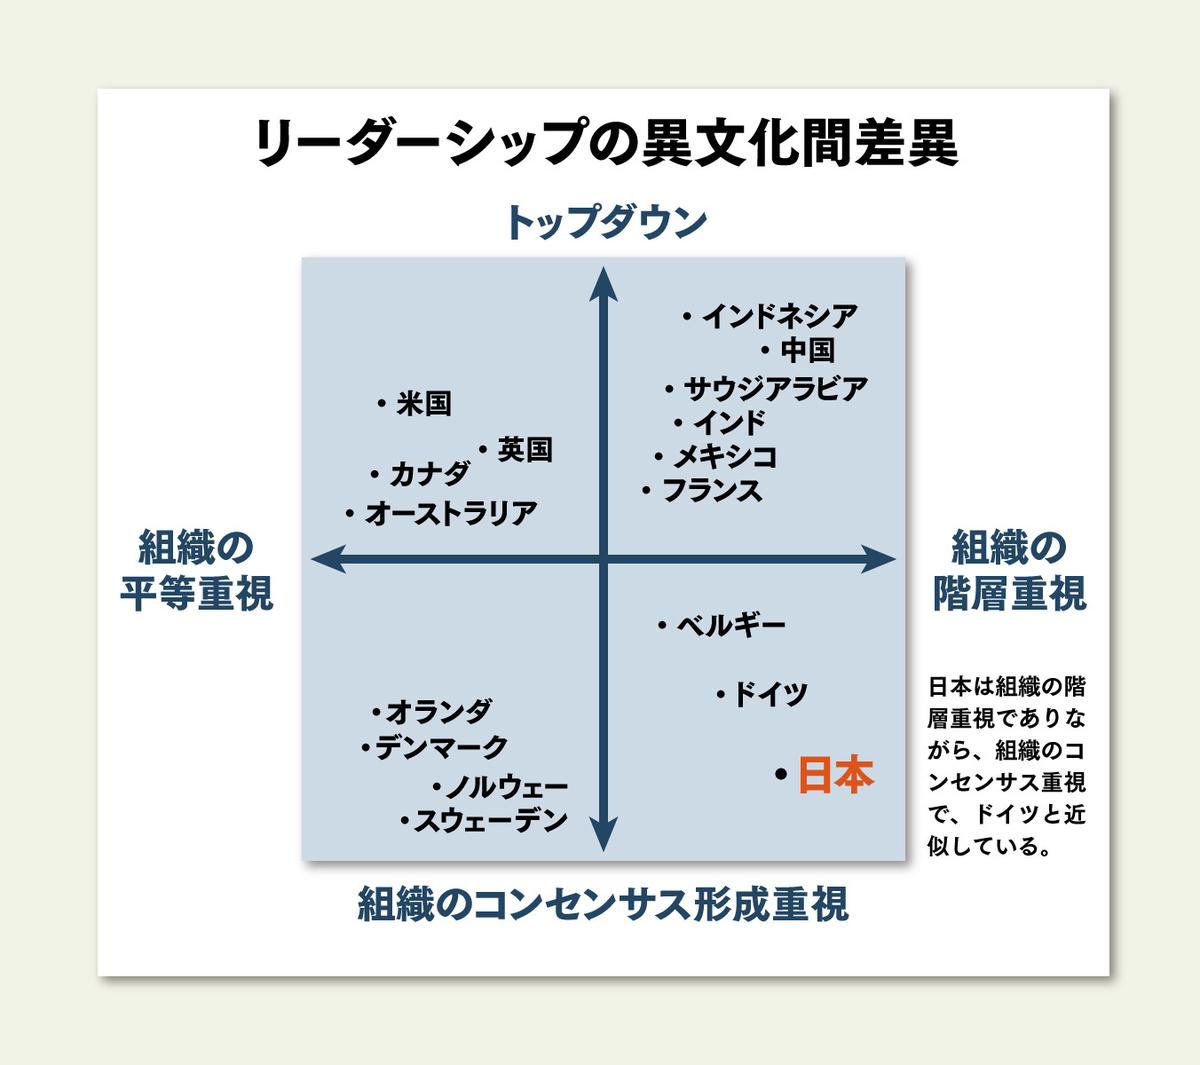 f:id:career-yoshinashi:20200823165426j:plain